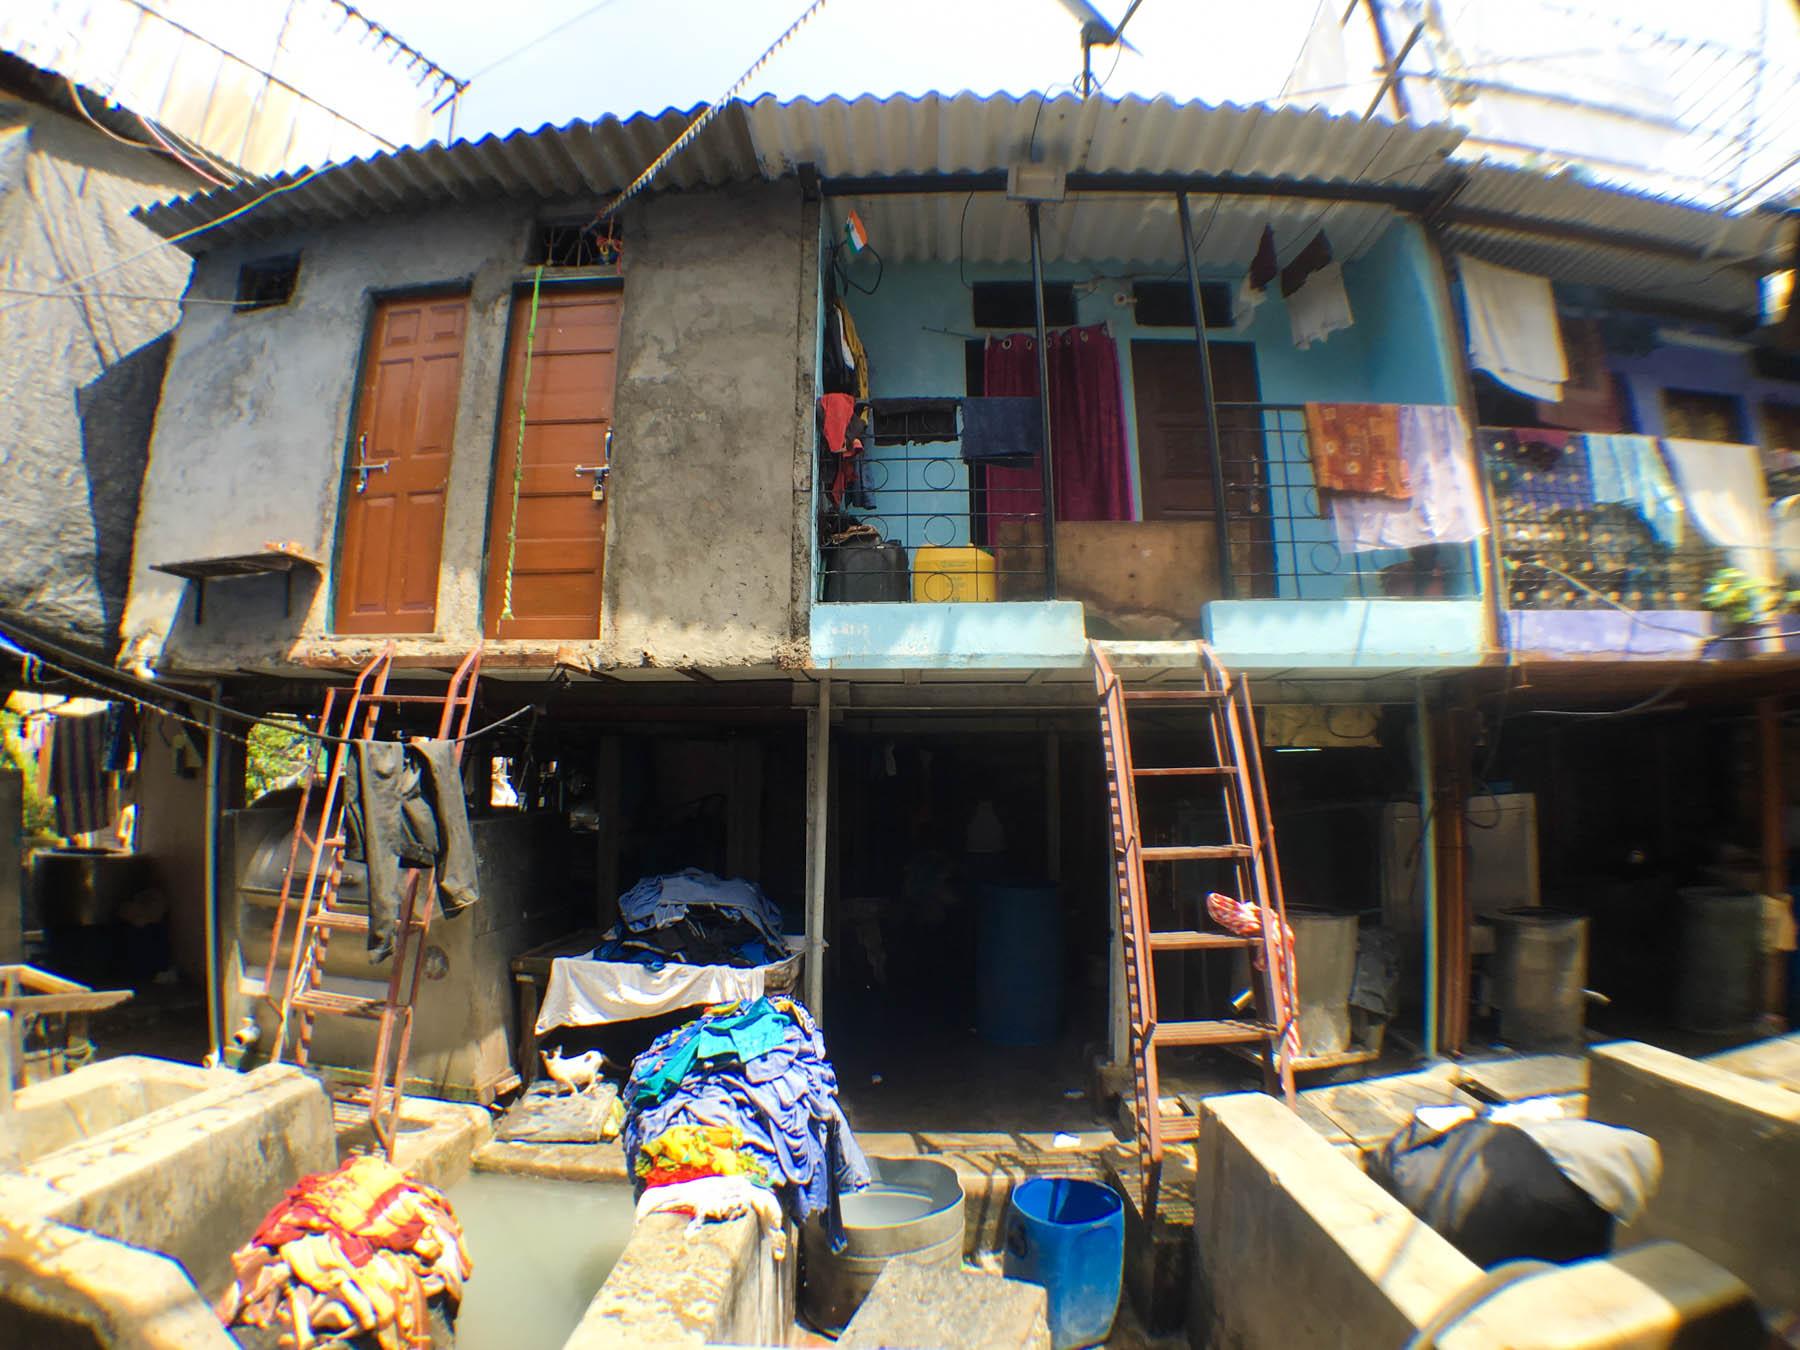 ムンバイ 巨大洗濯工場 ドービーガート 家家